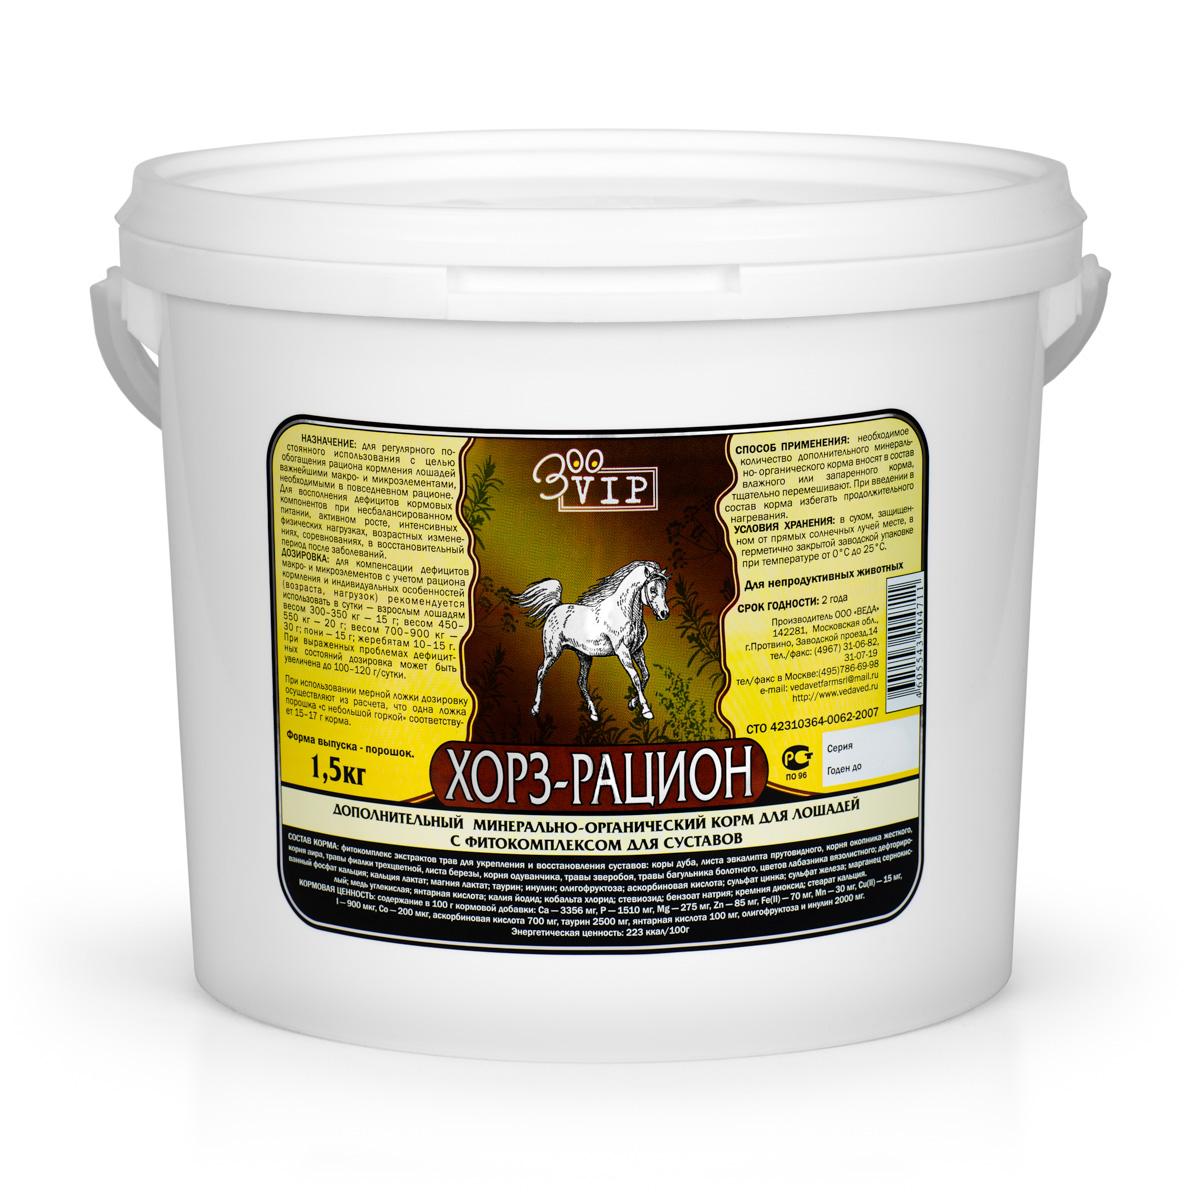 Корм для лошадей VEDA ЗооVip. Хорз-Рацион, минерально-органический, с фитокомплексом, для суставов, 1,5 кг железо для лошадей украина